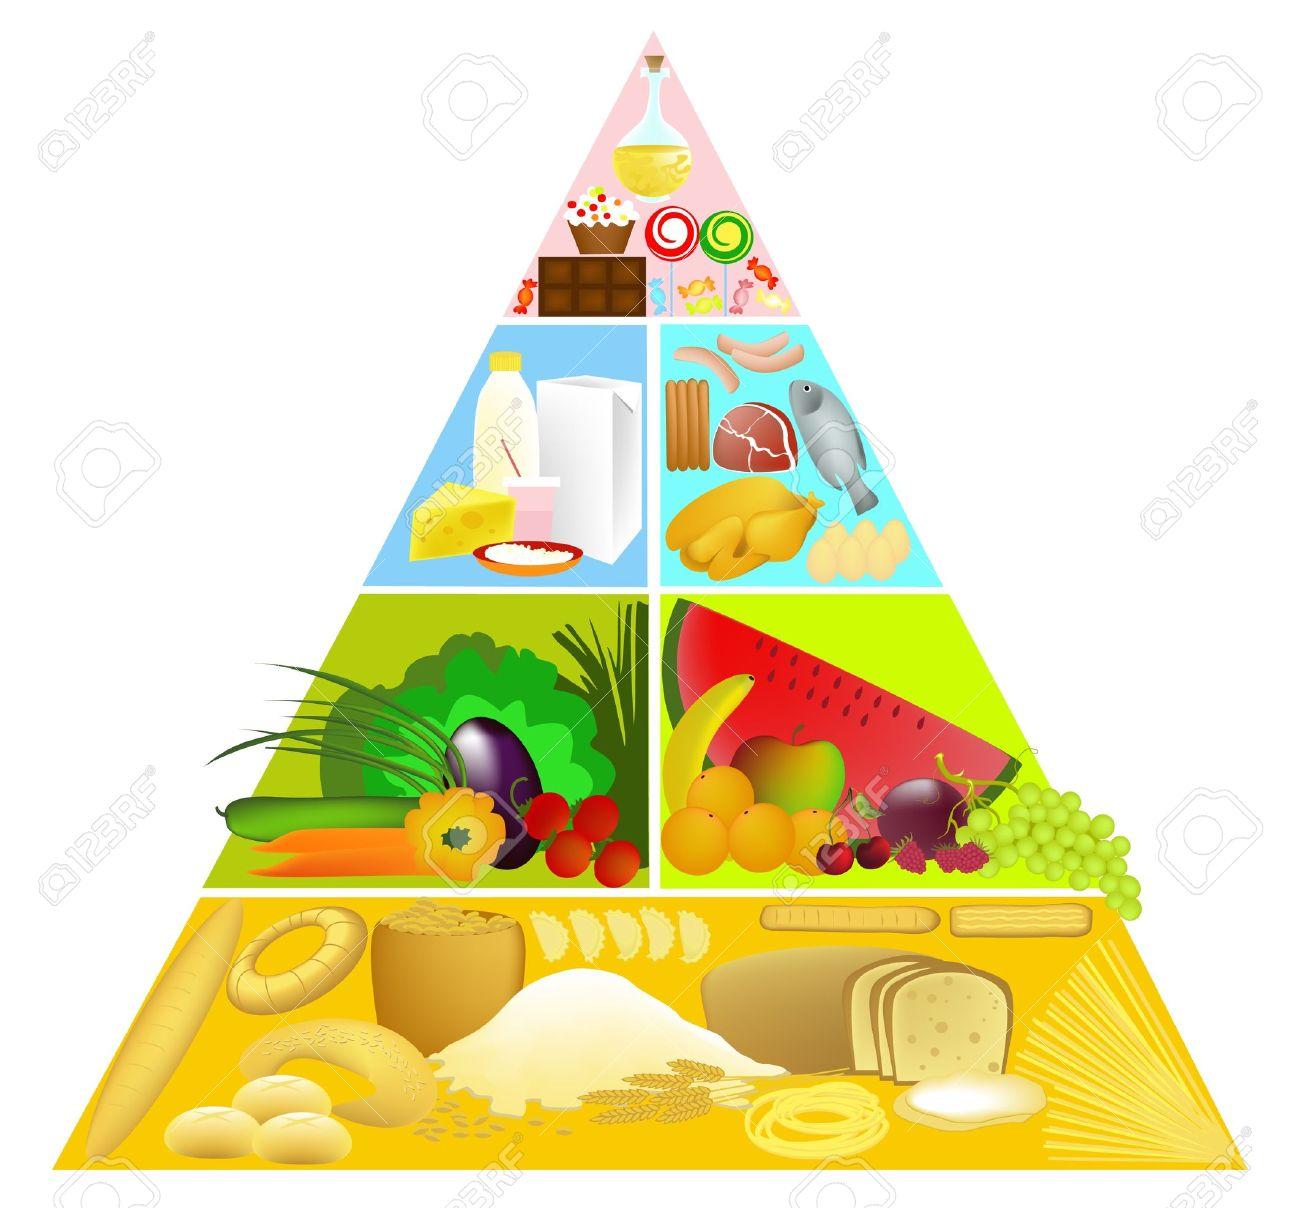 Food Pyramid Royalty Free Cliparts, Vectors, And Stock.